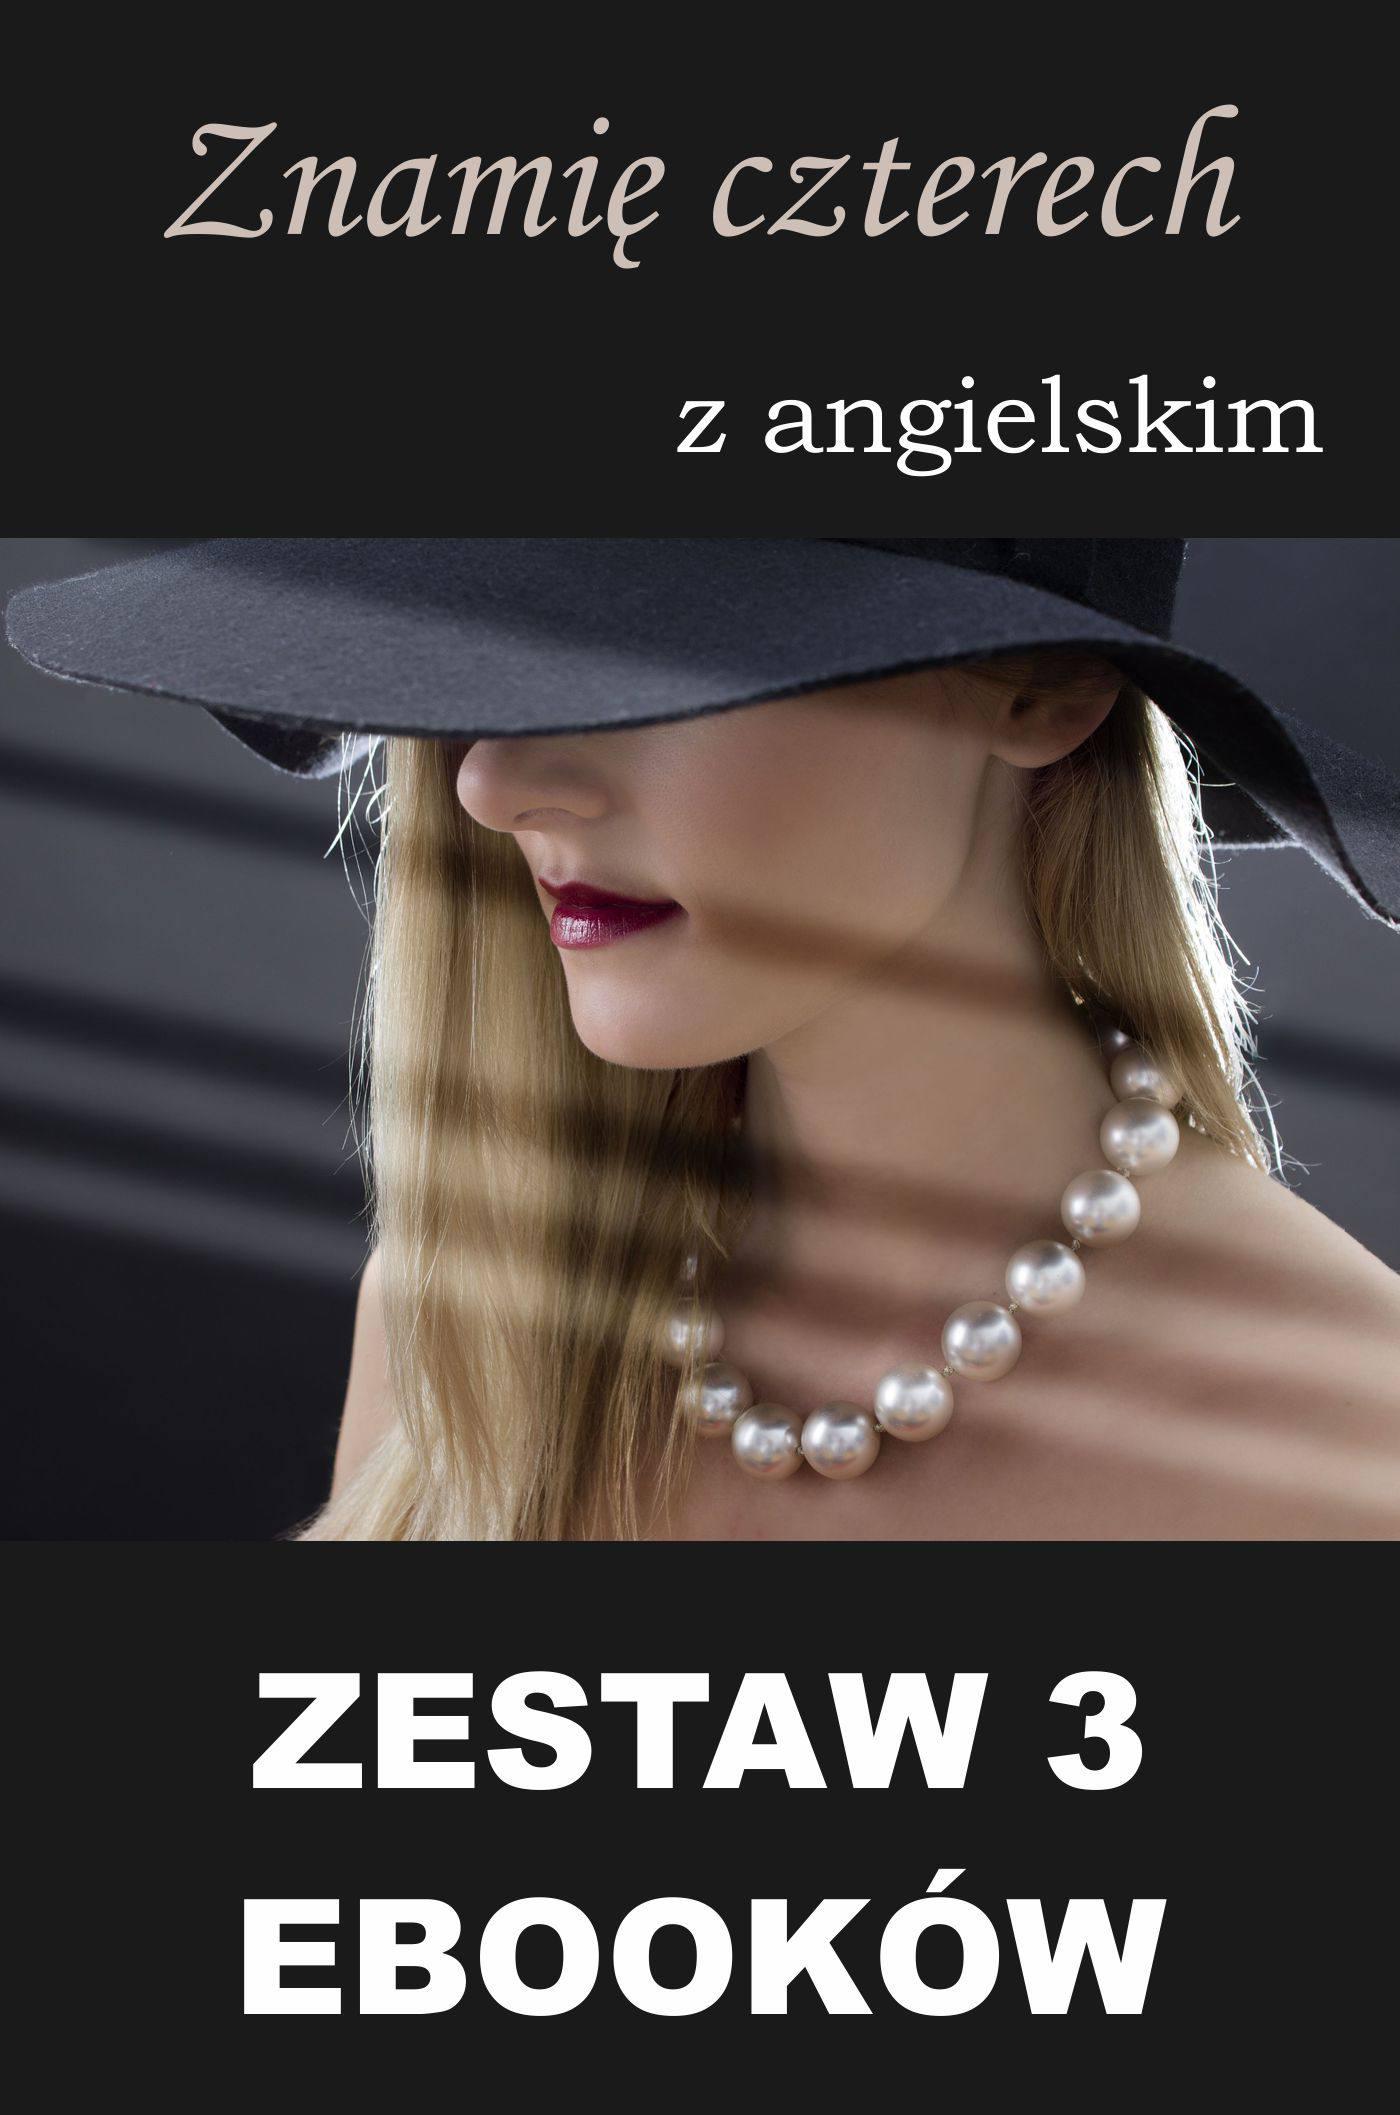 3 ebooki: Znamię czterech z angielskim, Groźny cień, Nauka angielskiego z książką dwujęzyczną - Ebook (Książka PDF) do pobrania w formacie PDF